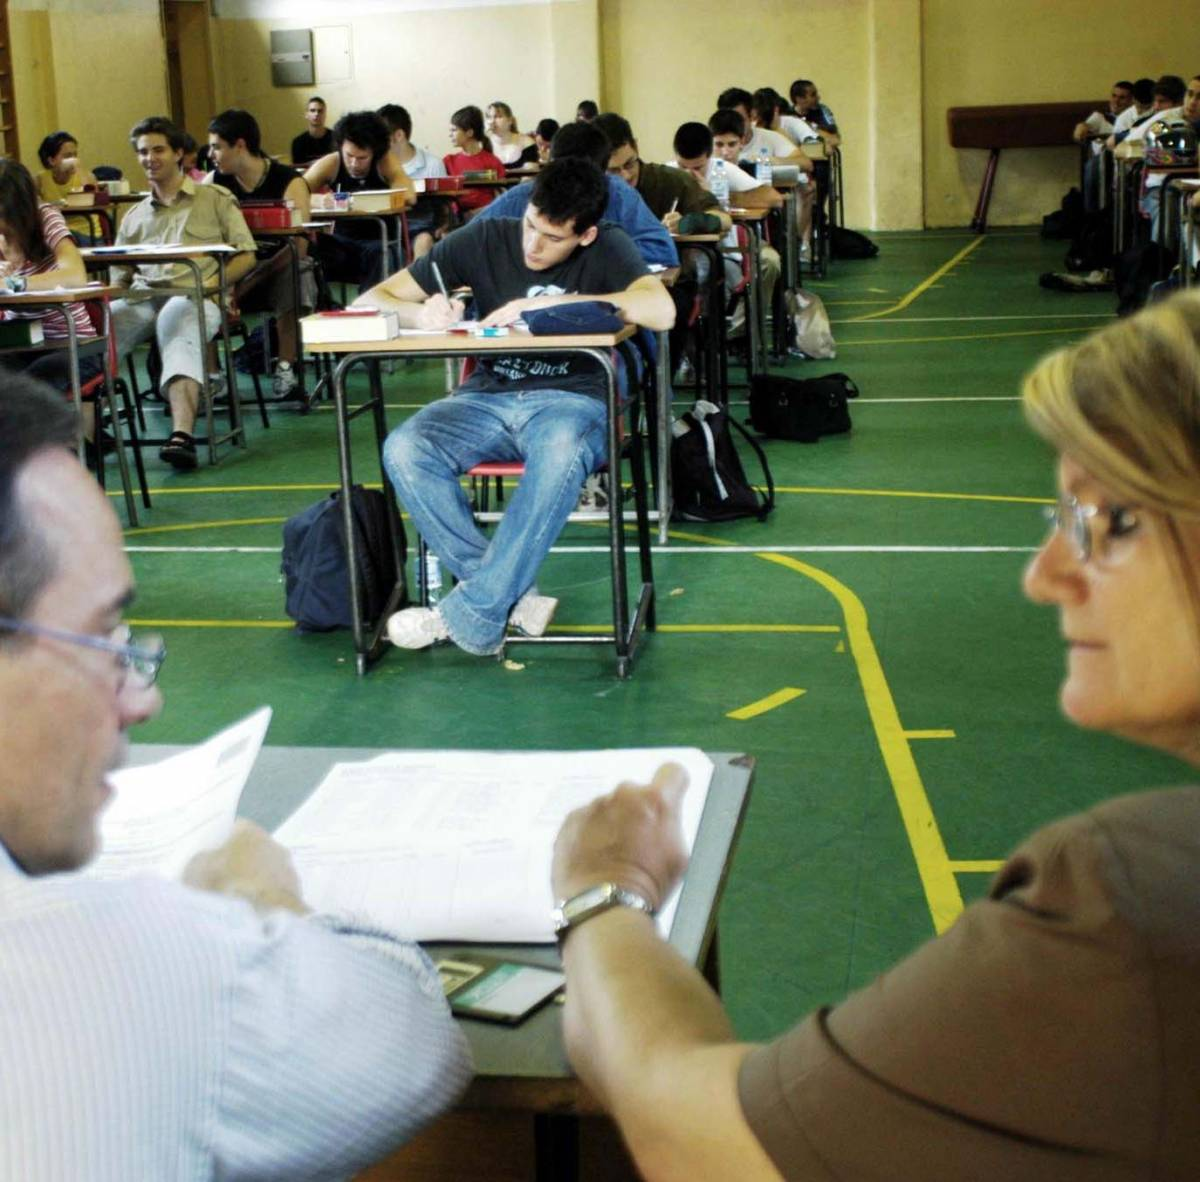 Gli studenti dribblano il tema d'italiano